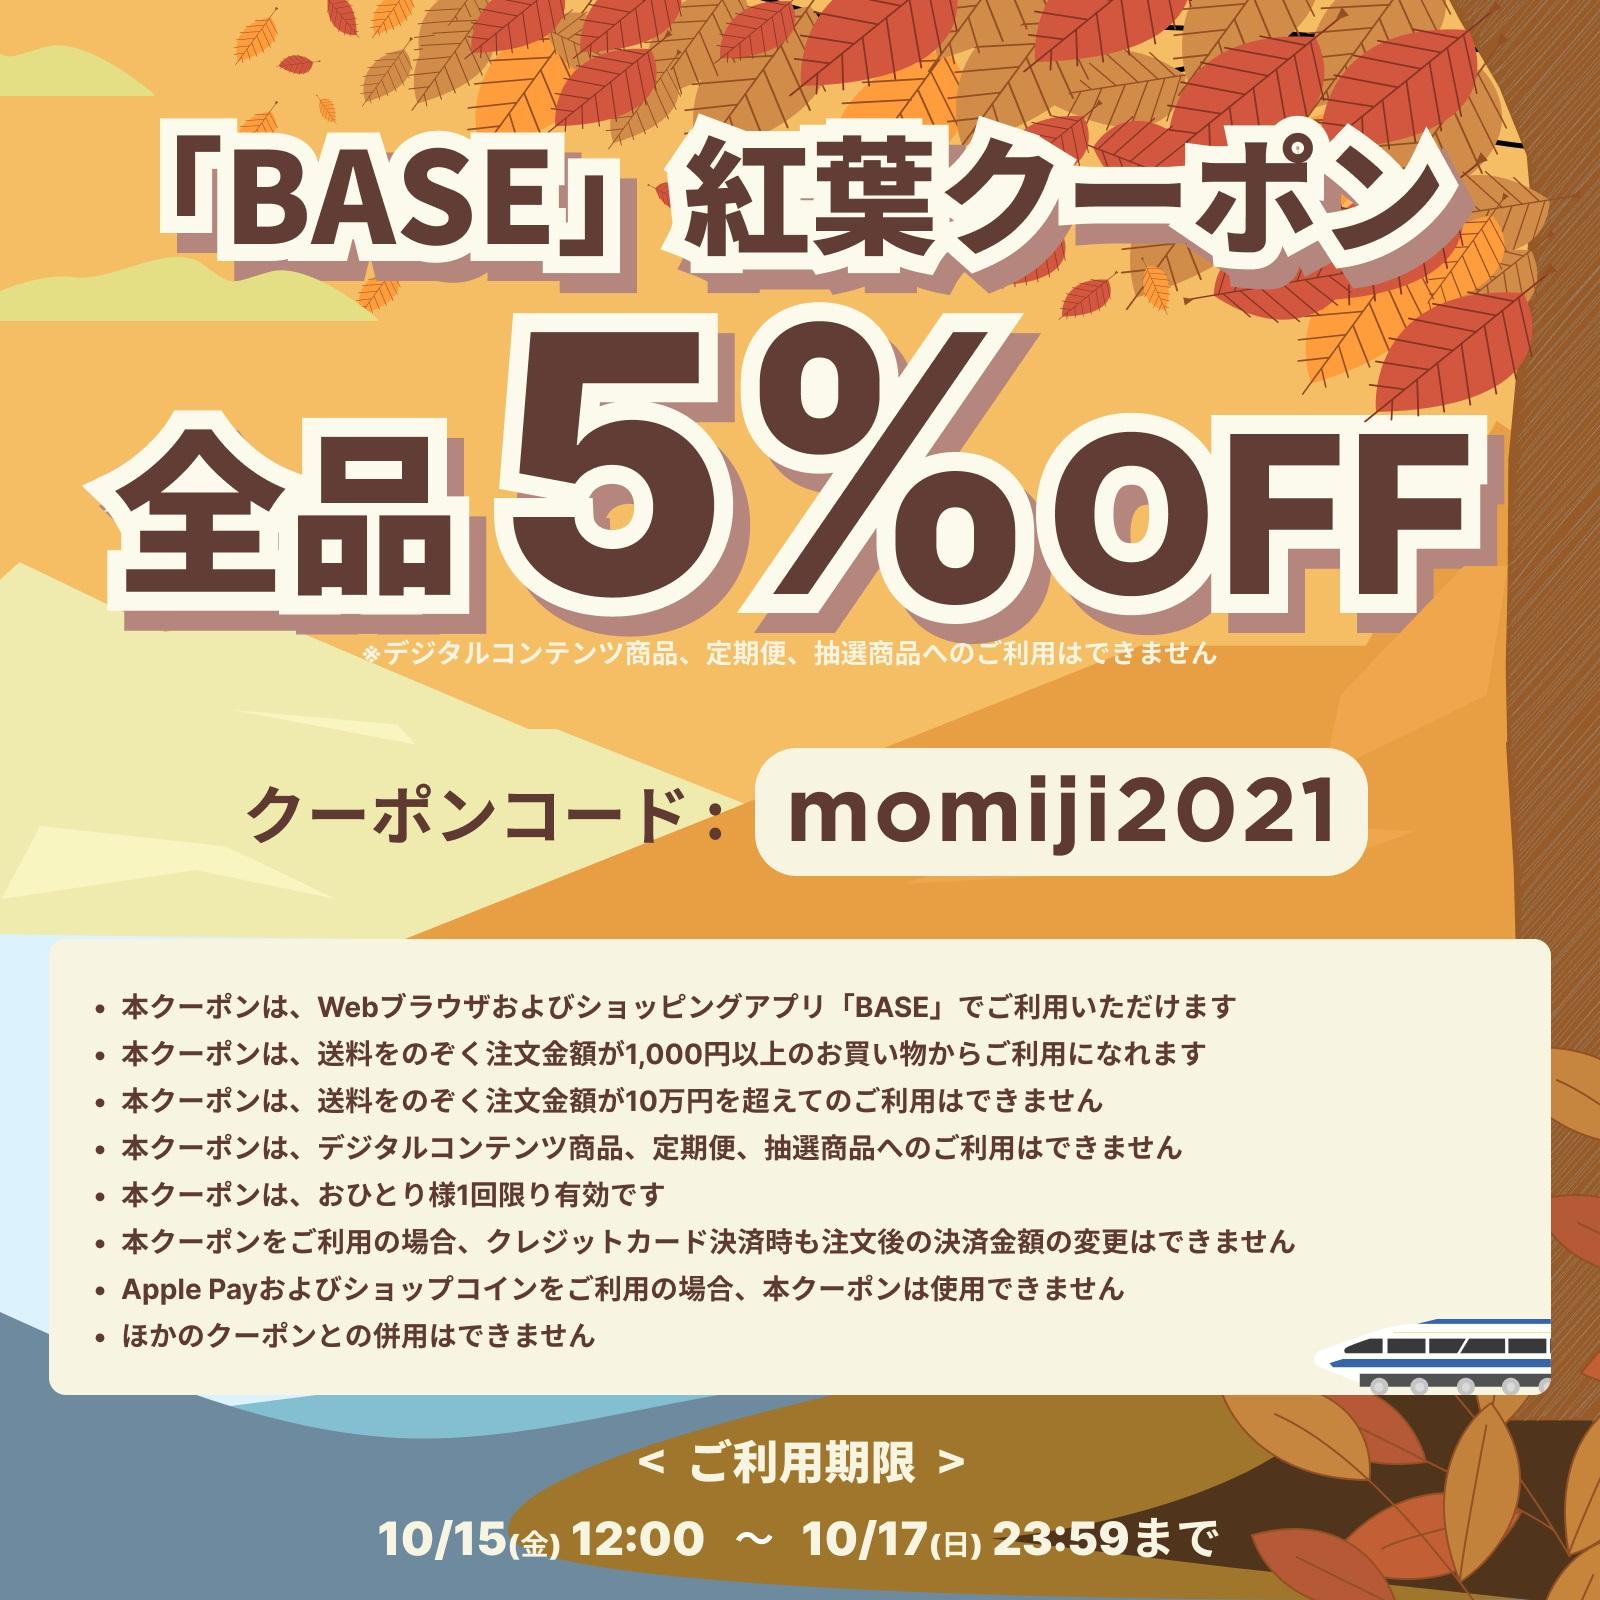 10月15日(金)~10日17日(日)にお使いいただける5%OFFクーポンのお知らせ